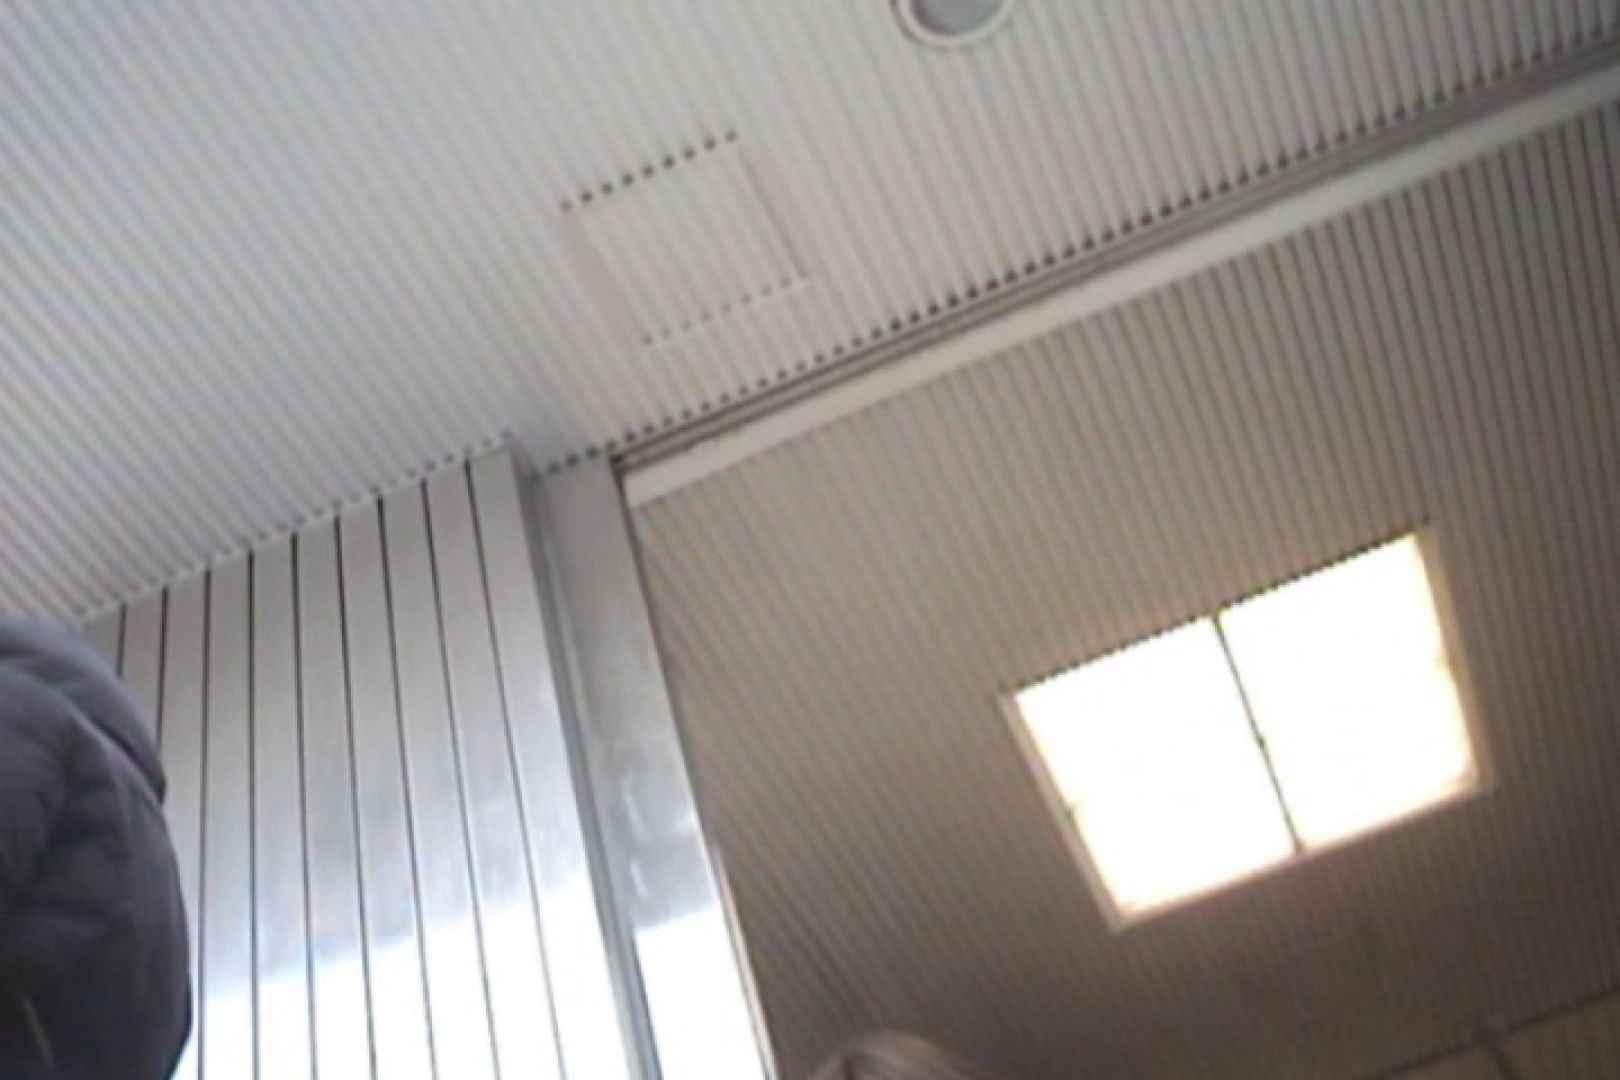 しんさんの逆さバイキングVol.30 ミニスカート | OLエロ画像  34PICs 21